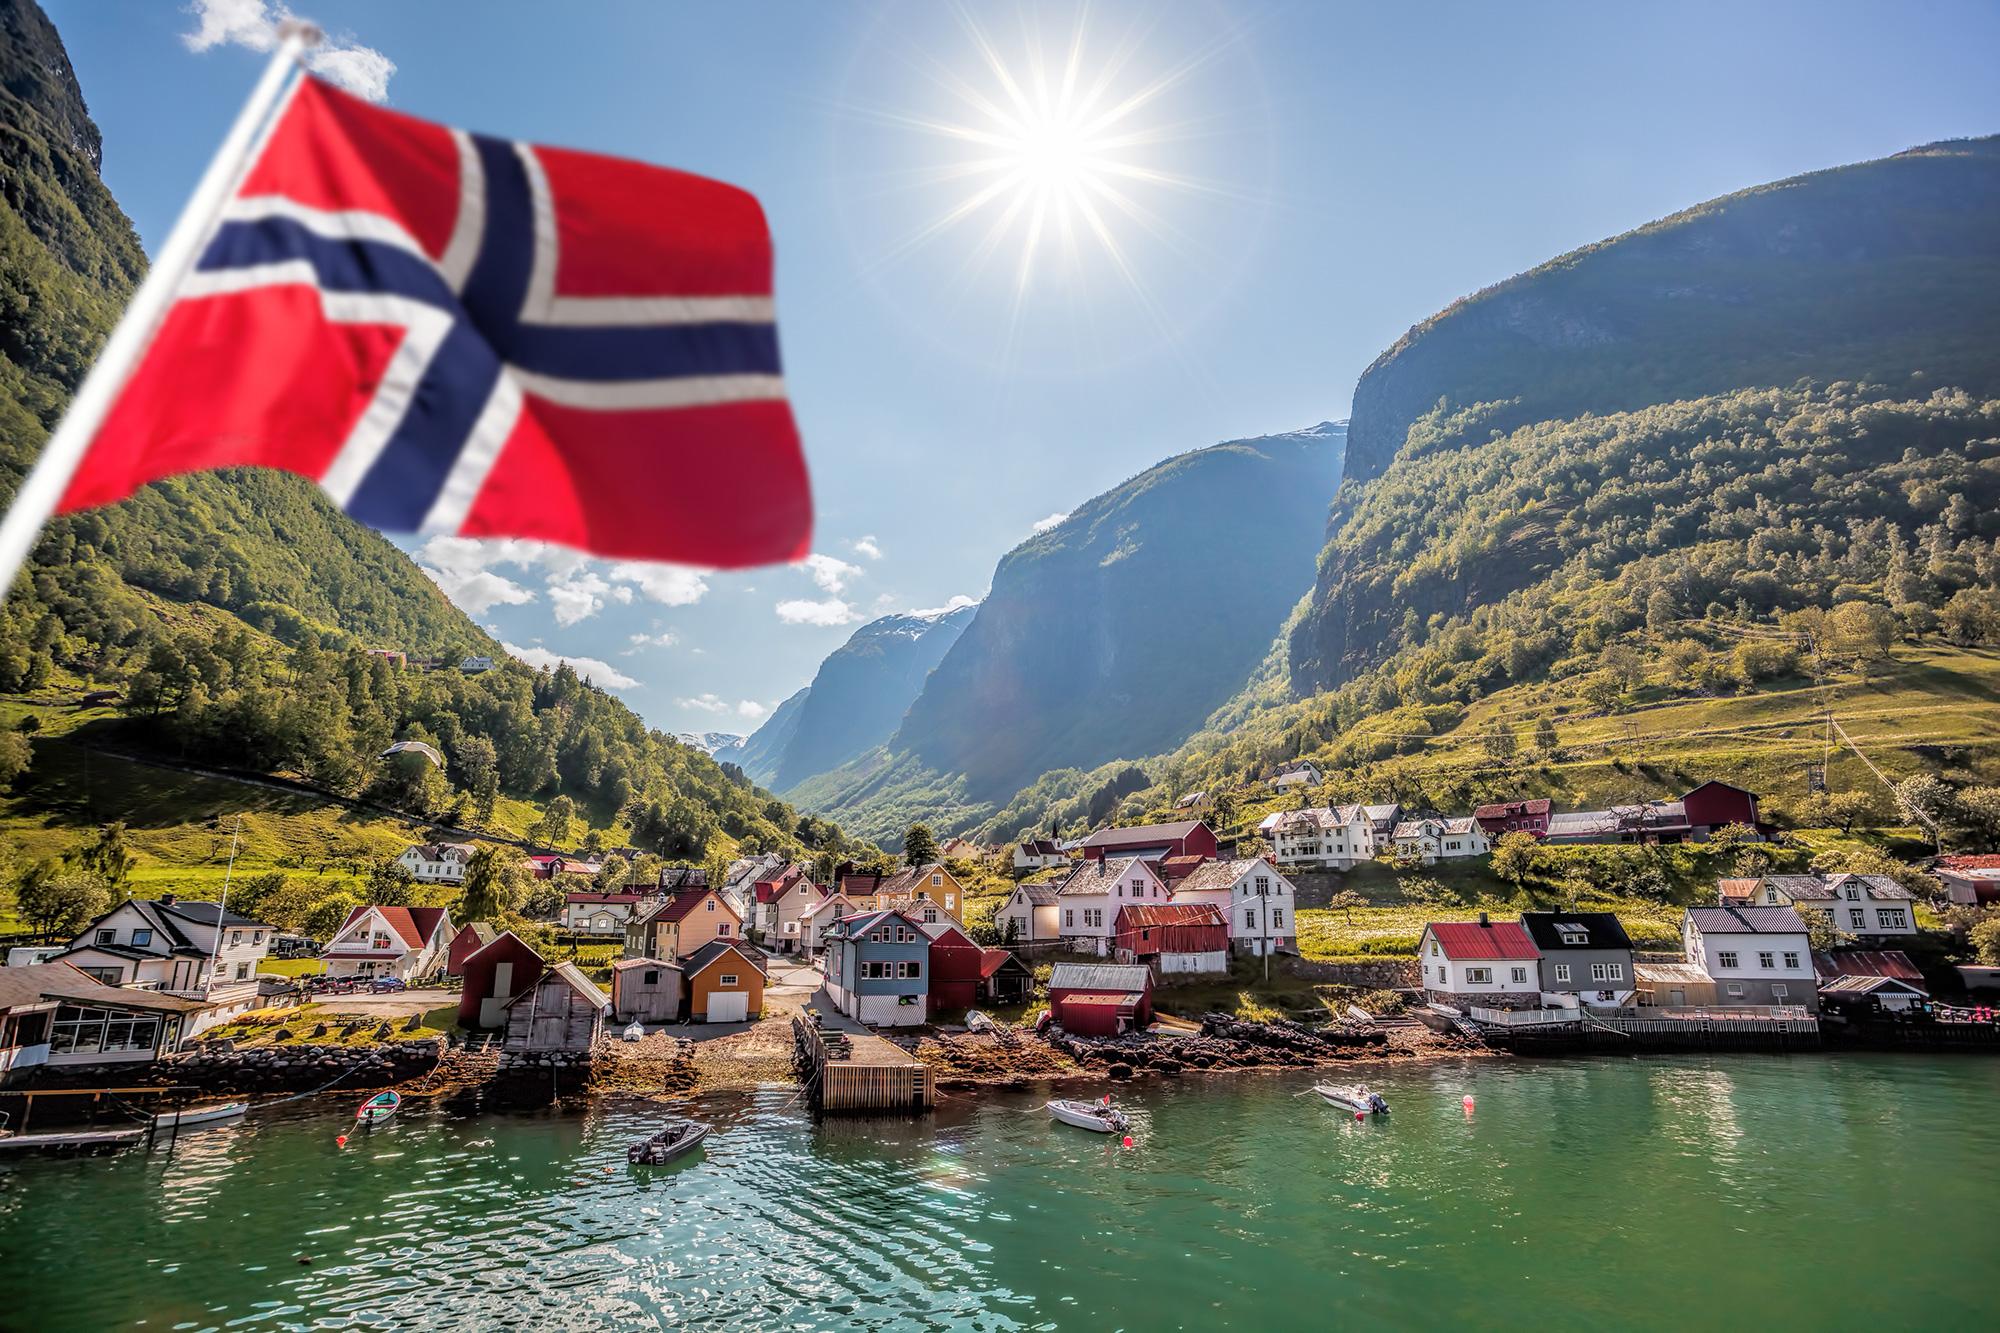 Covid-19 : La Norvège rétablit la quarantaine pour les voyageurs venant de France - Routard.com